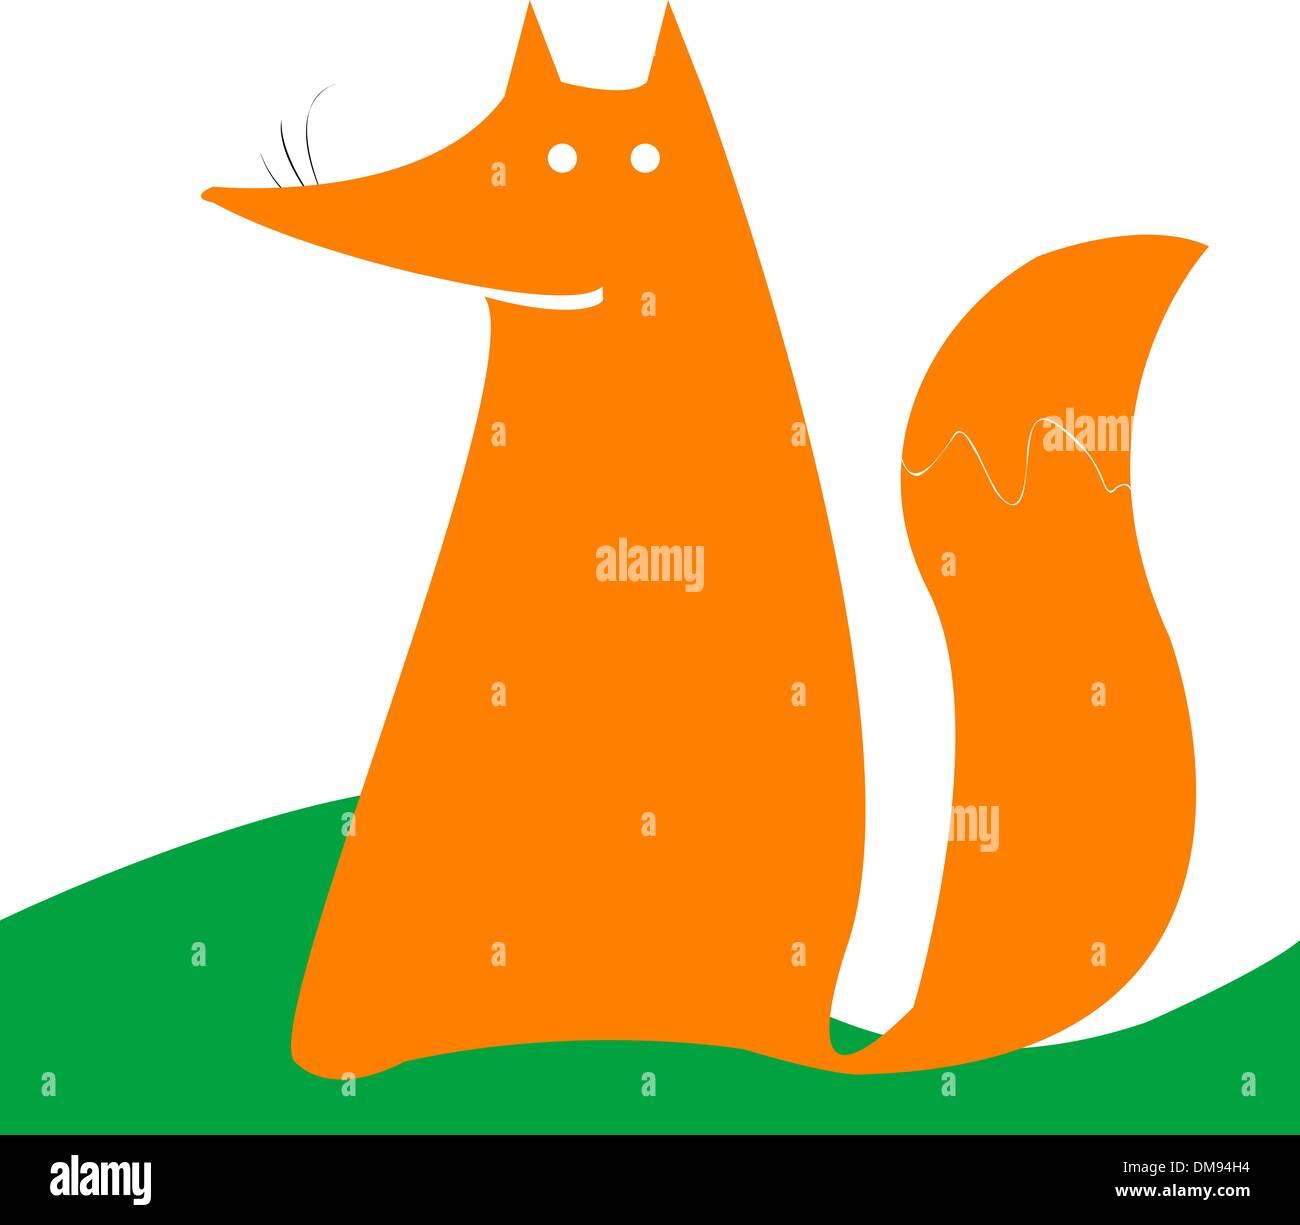 fox - Stock Image